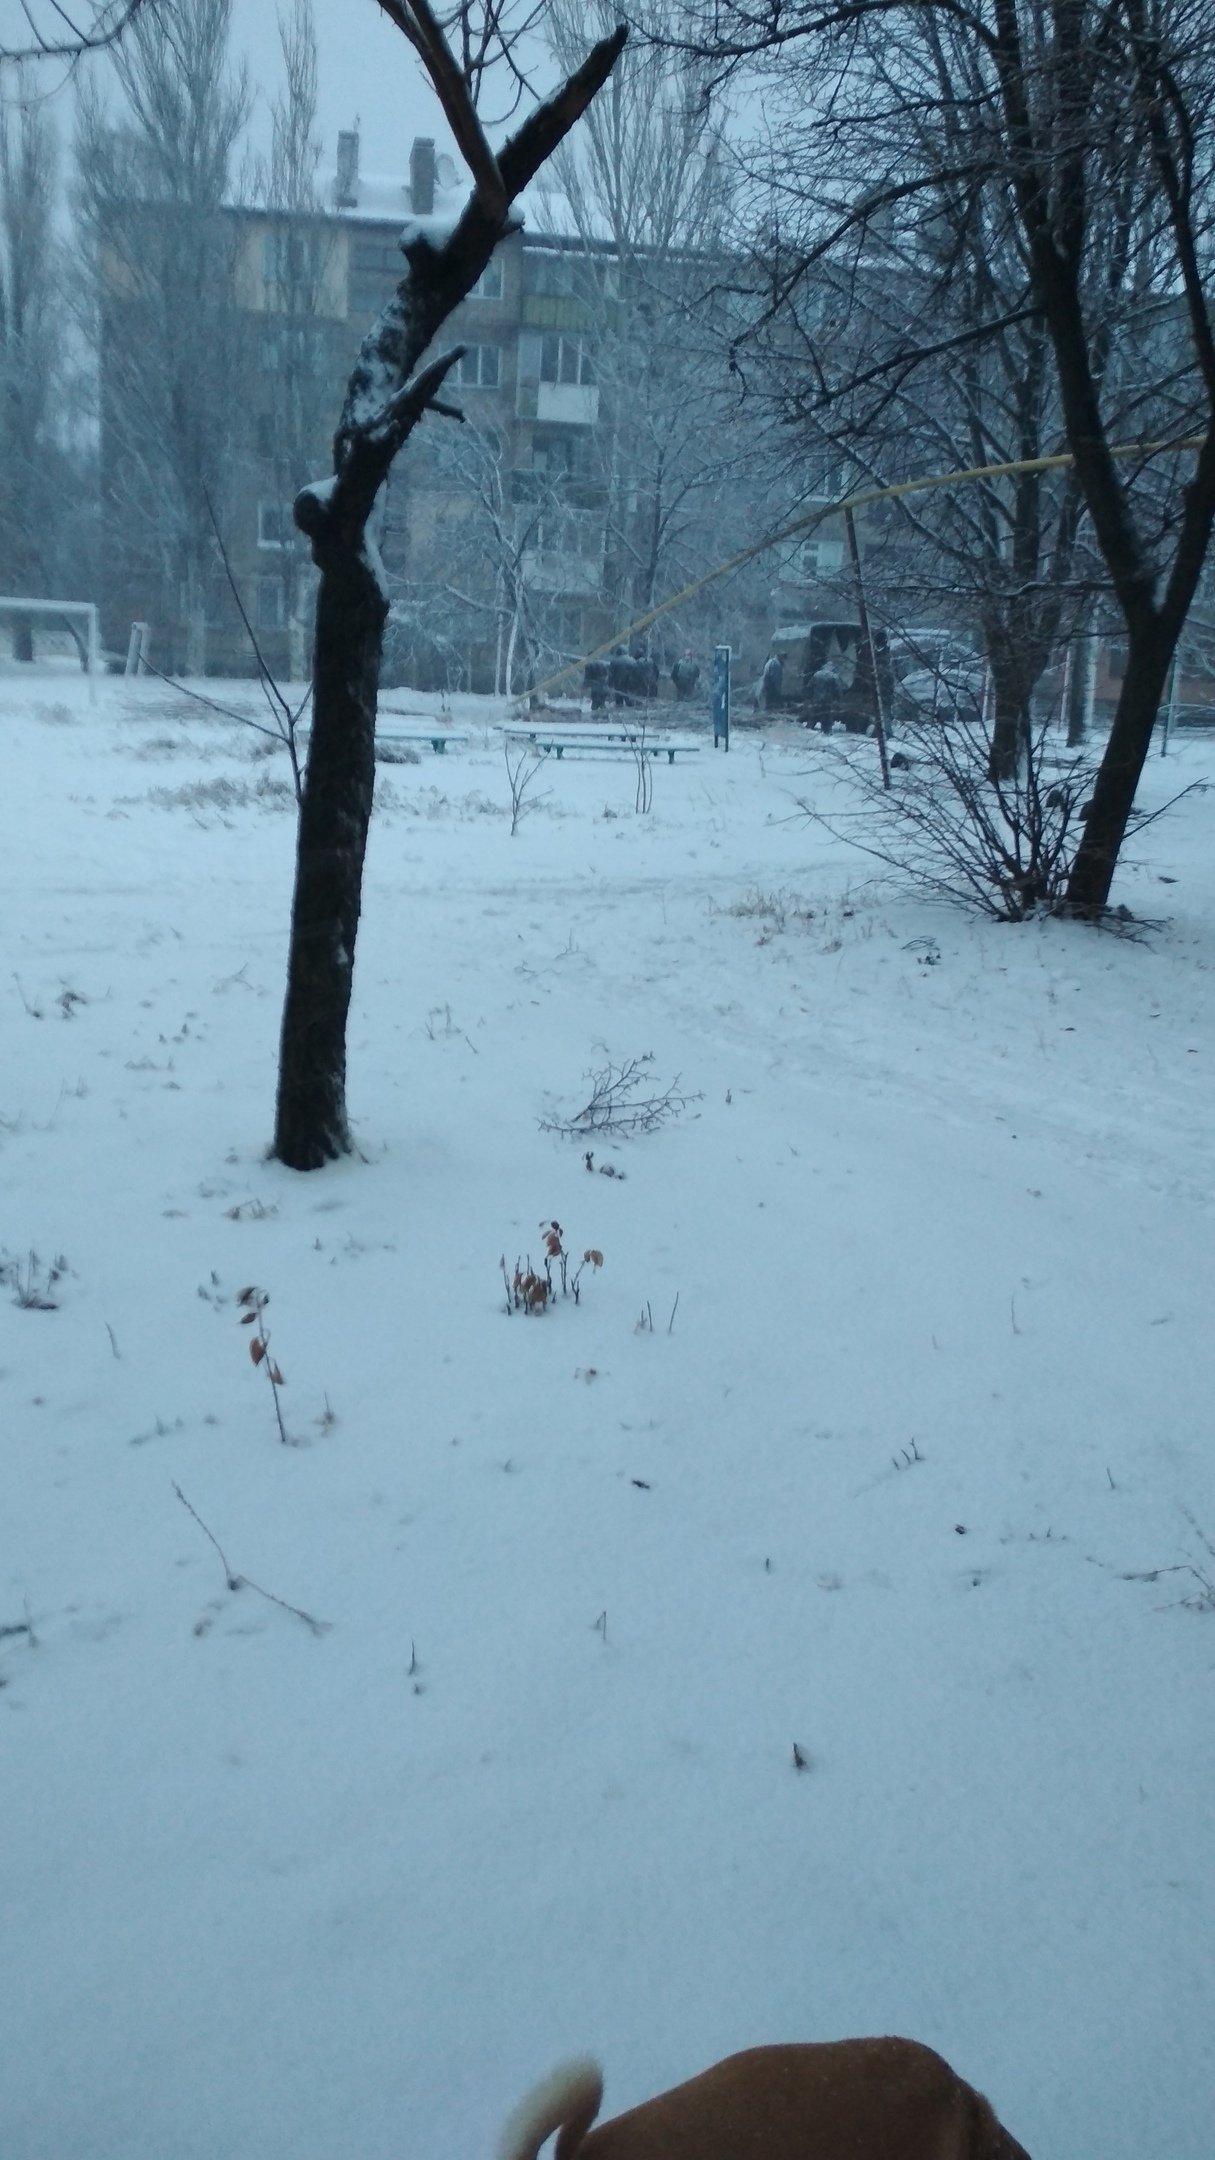 В Ясиноватой упавшее дерево повредило газопровод  - ФОТО, фото-1